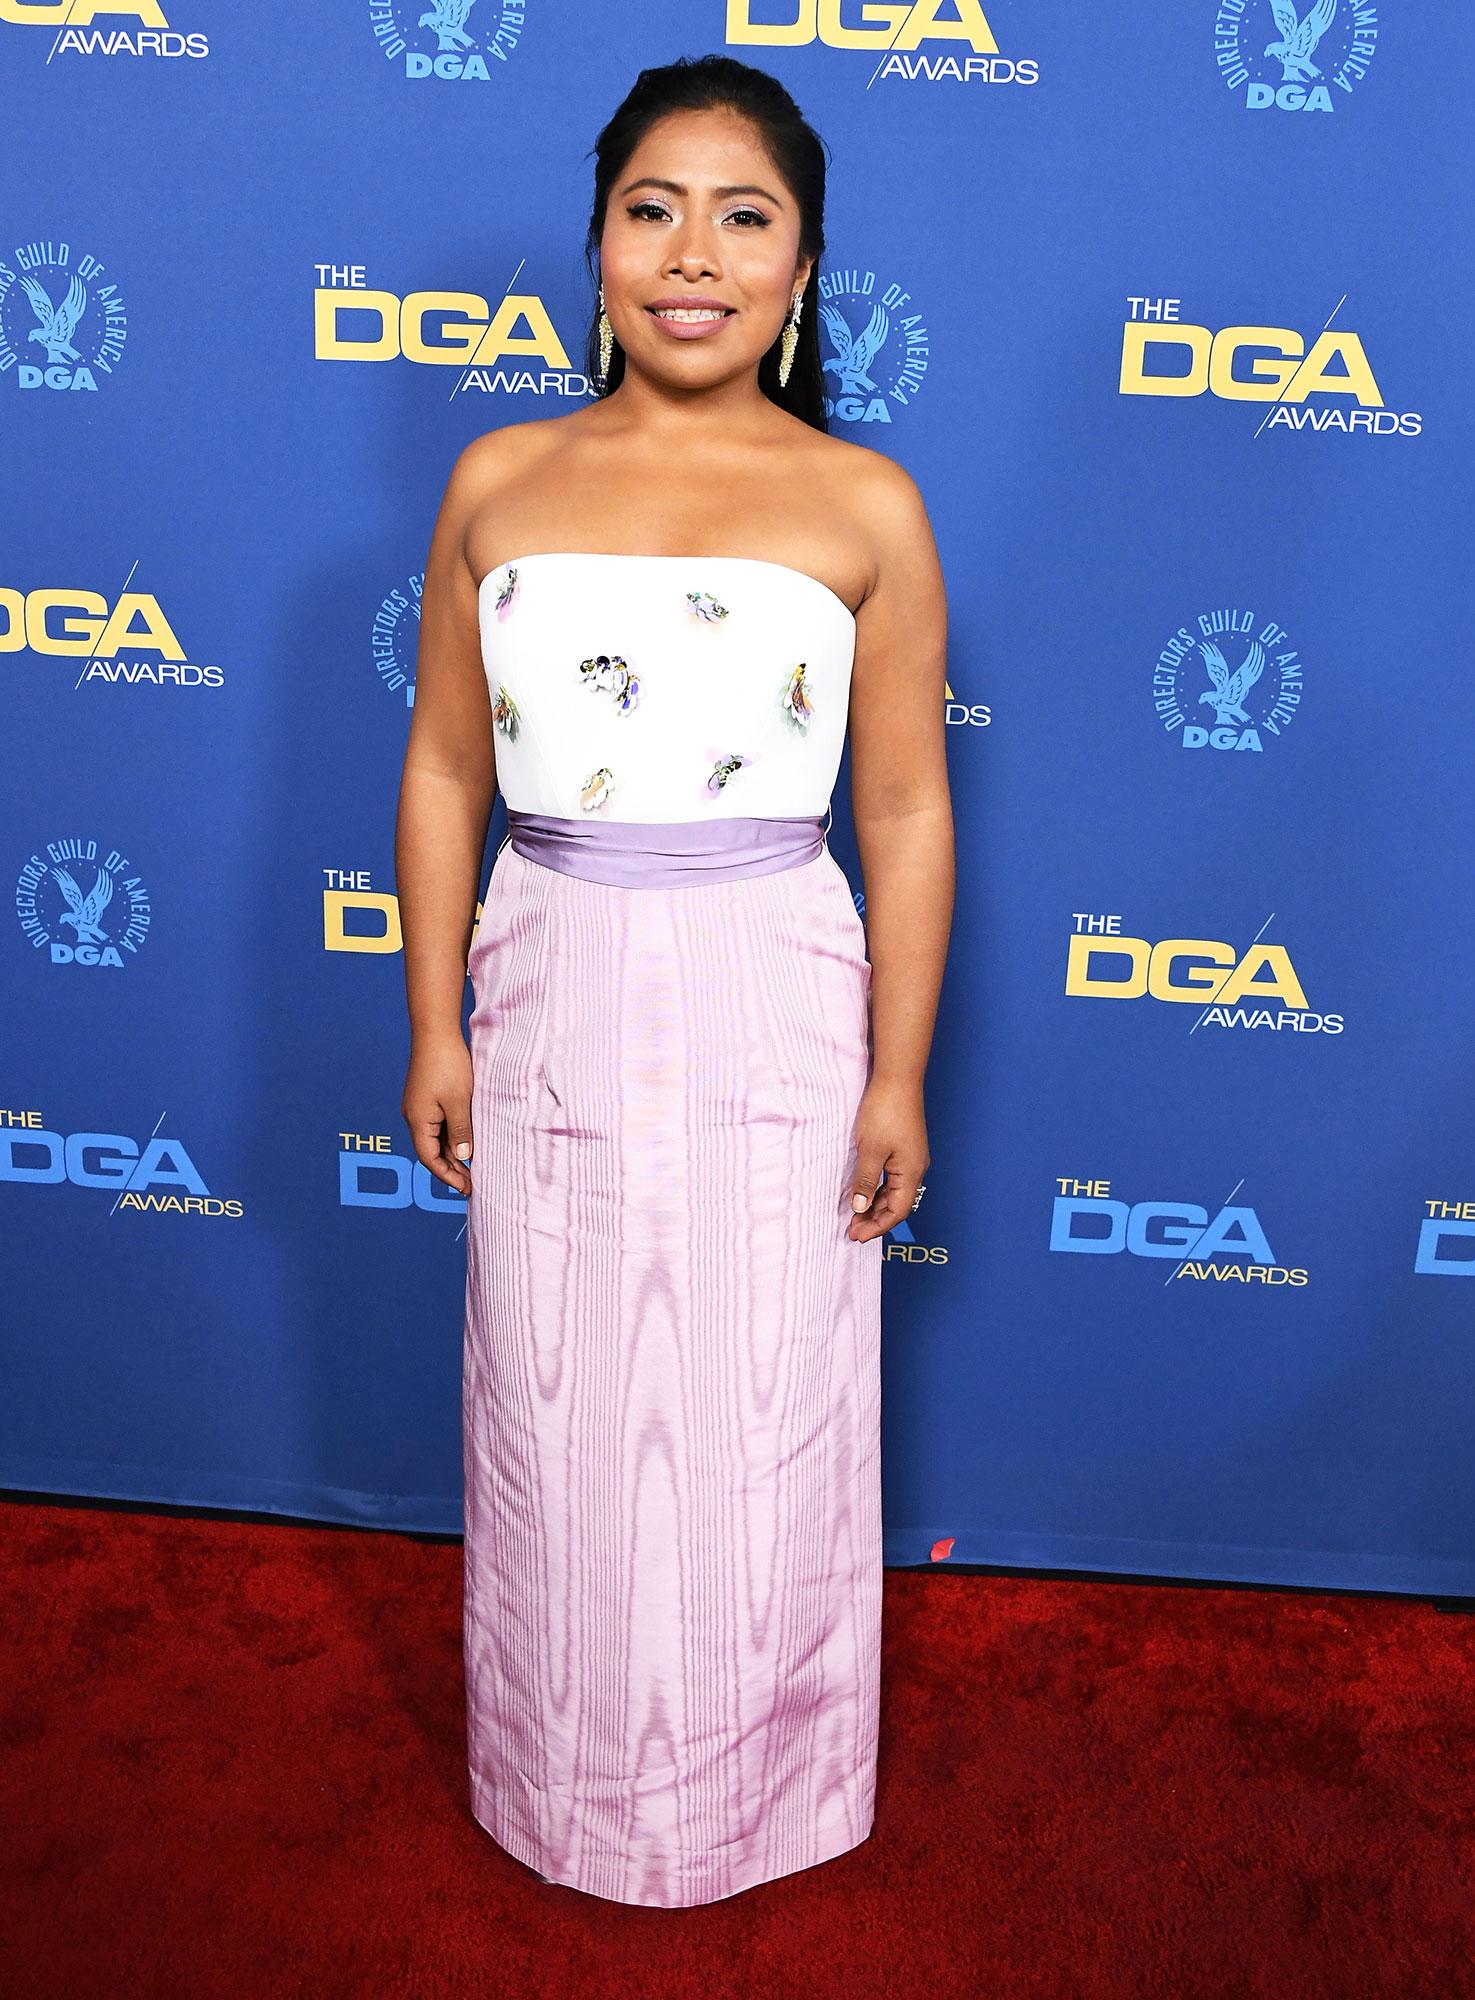 Directors Guild Awards 2019 Red Carpet: Best Dressed Celebs